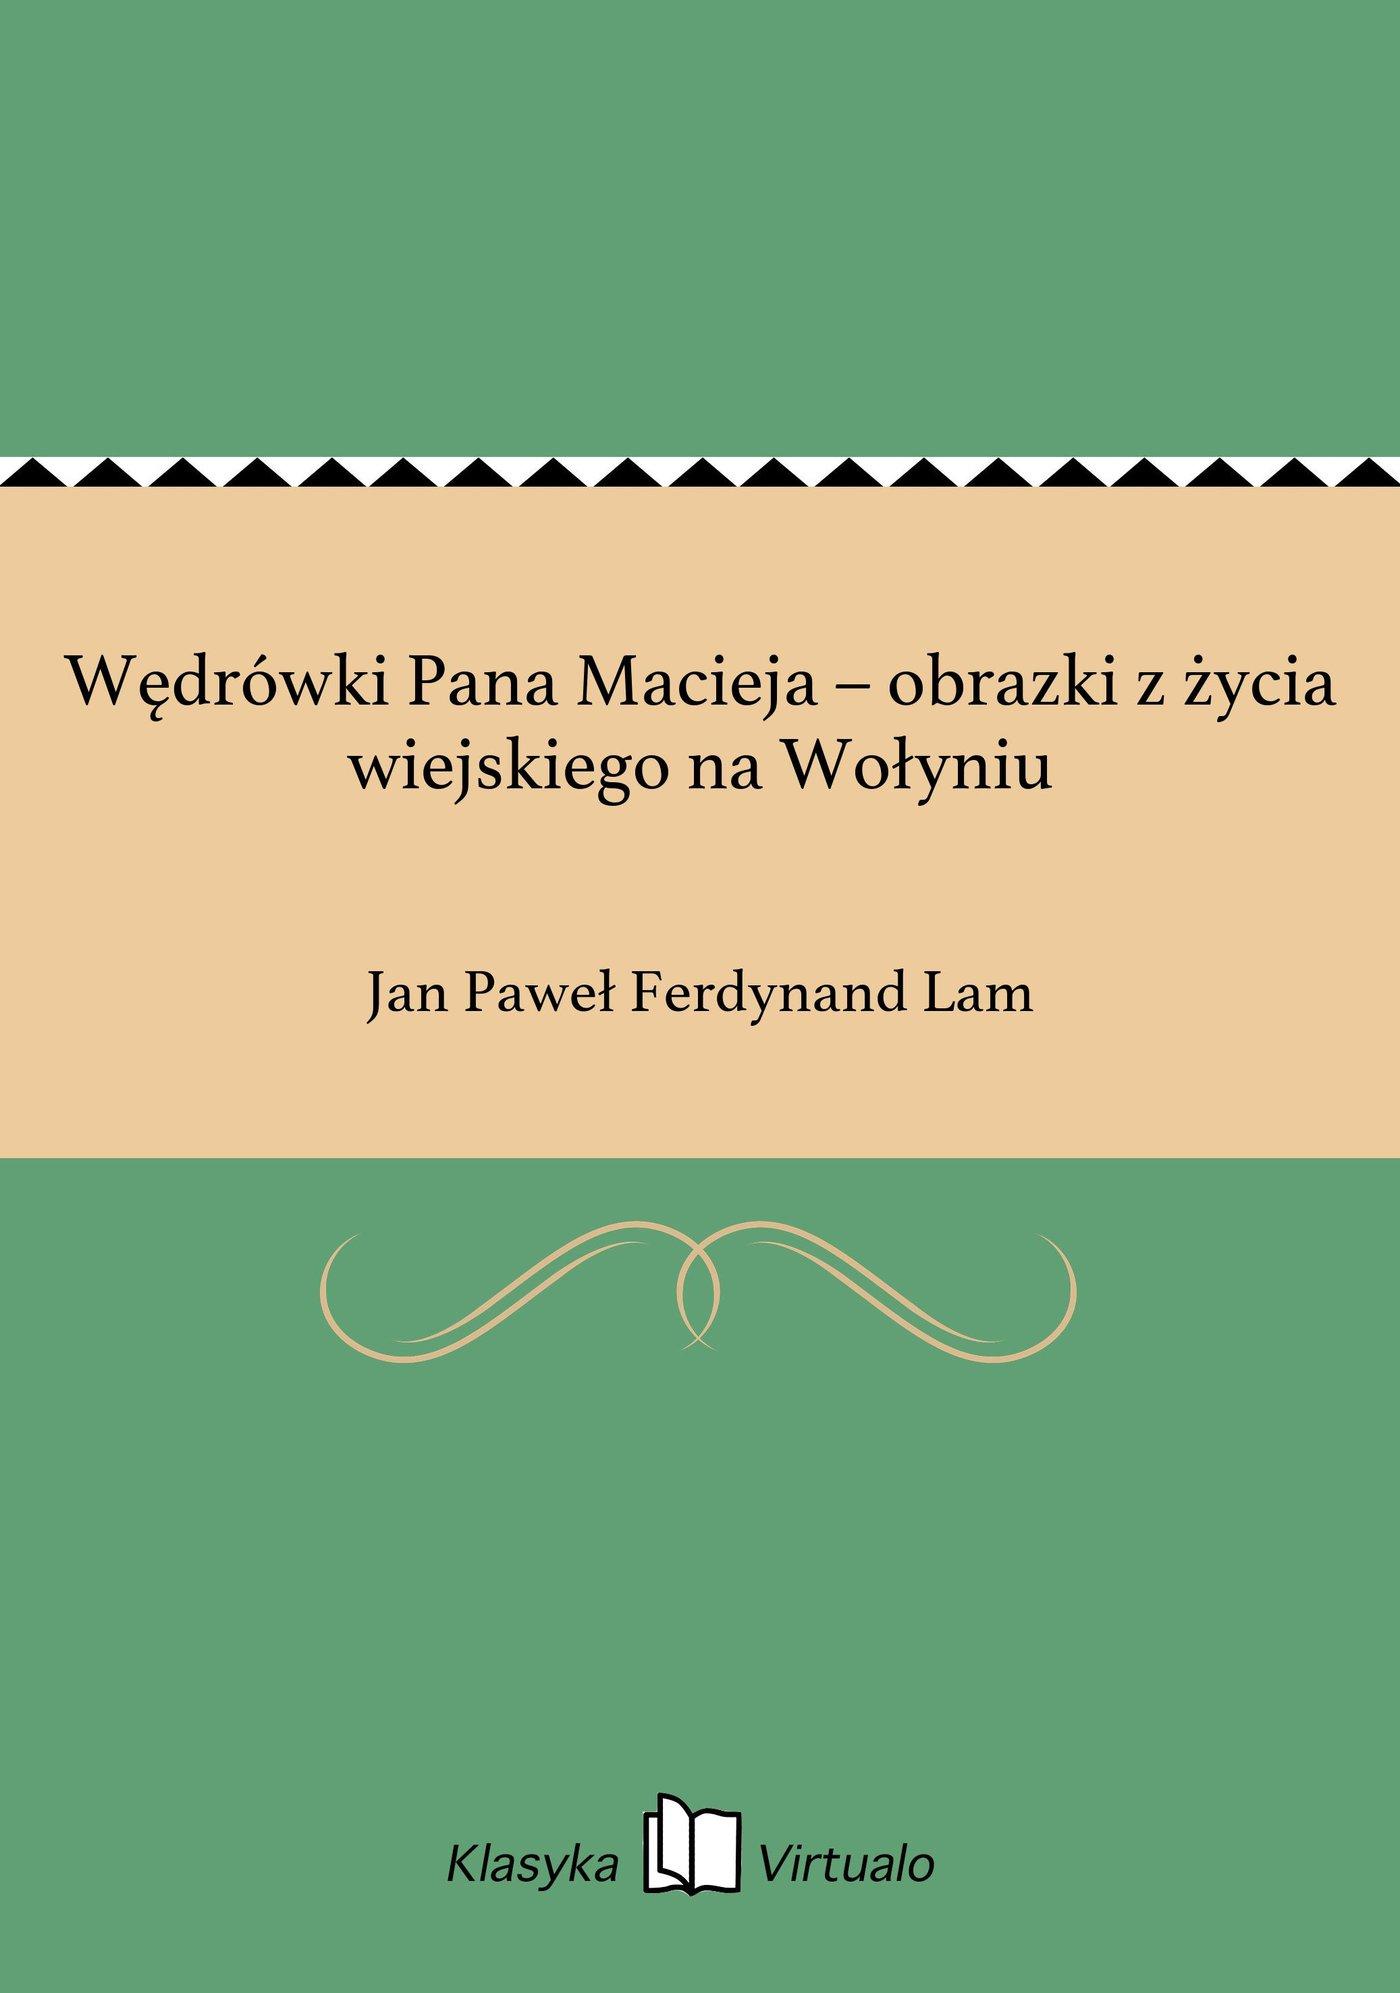 Wędrówki Pana Macieja – obrazki z życia wiejskiego na Wołyniu - Ebook (Książka na Kindle) do pobrania w formacie MOBI